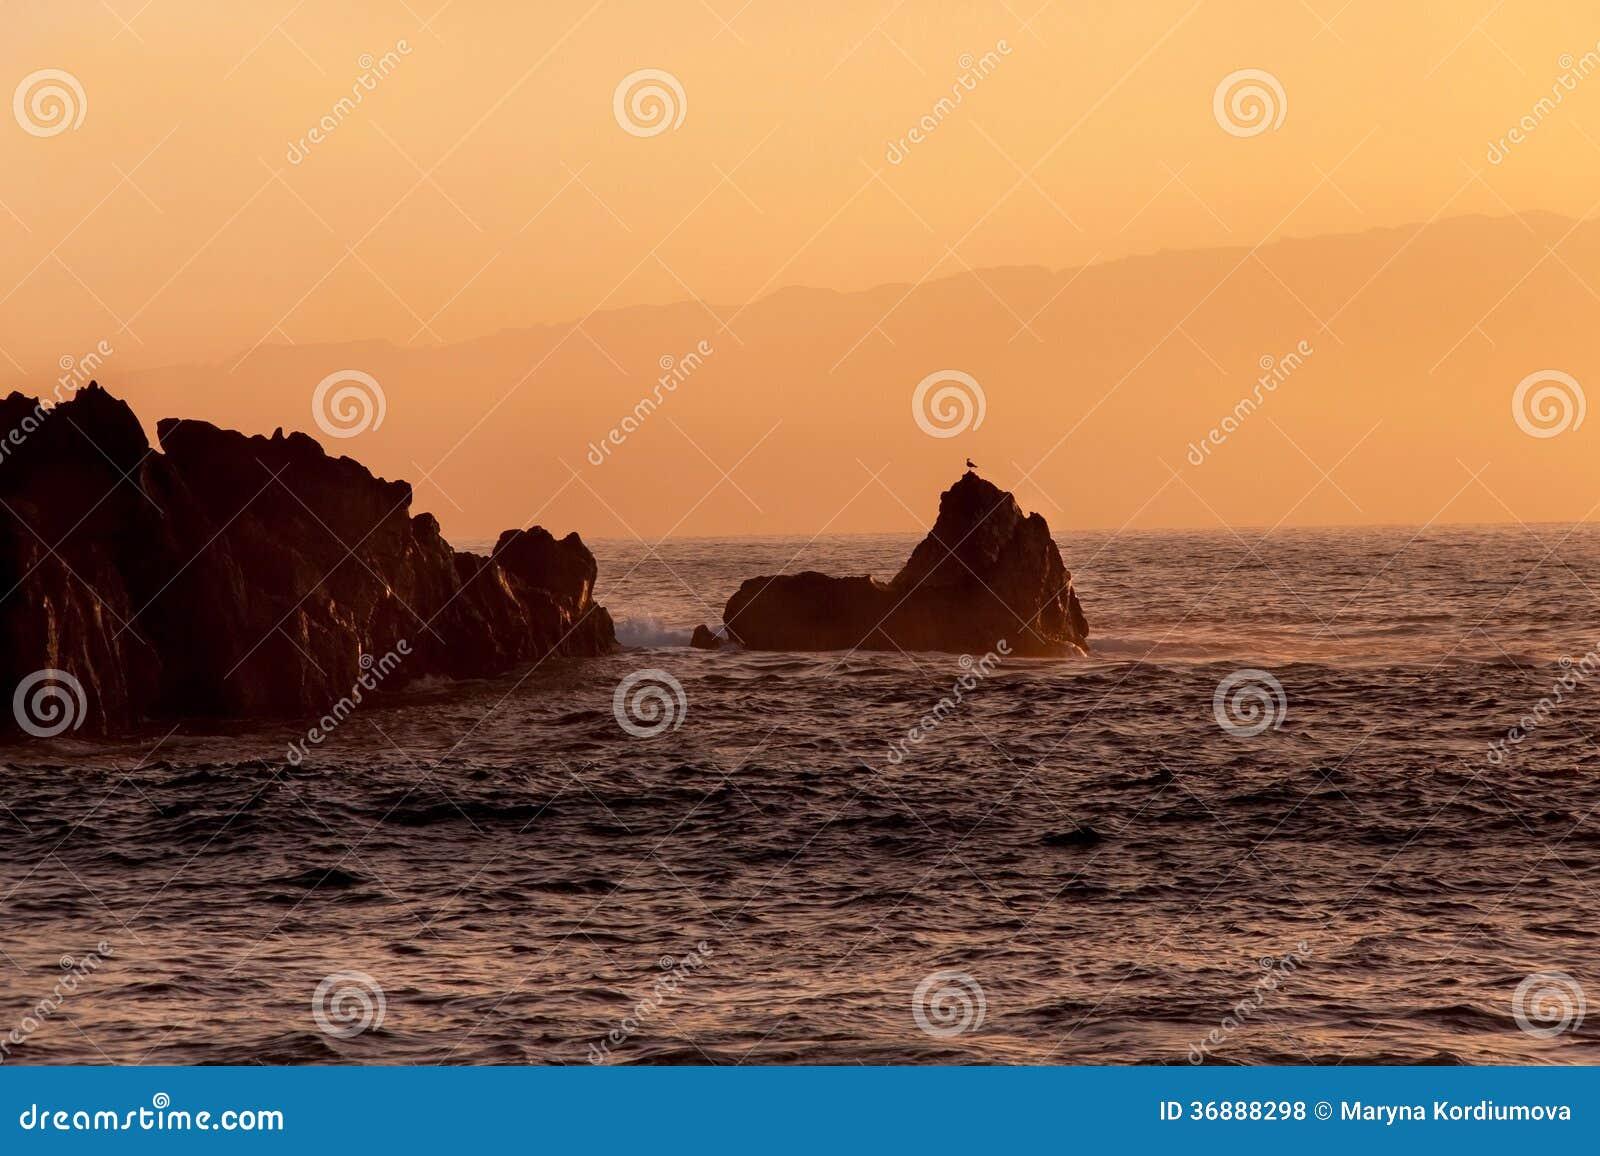 Download Rocce al tramonto fotografia stock. Immagine di scogliera - 36888298